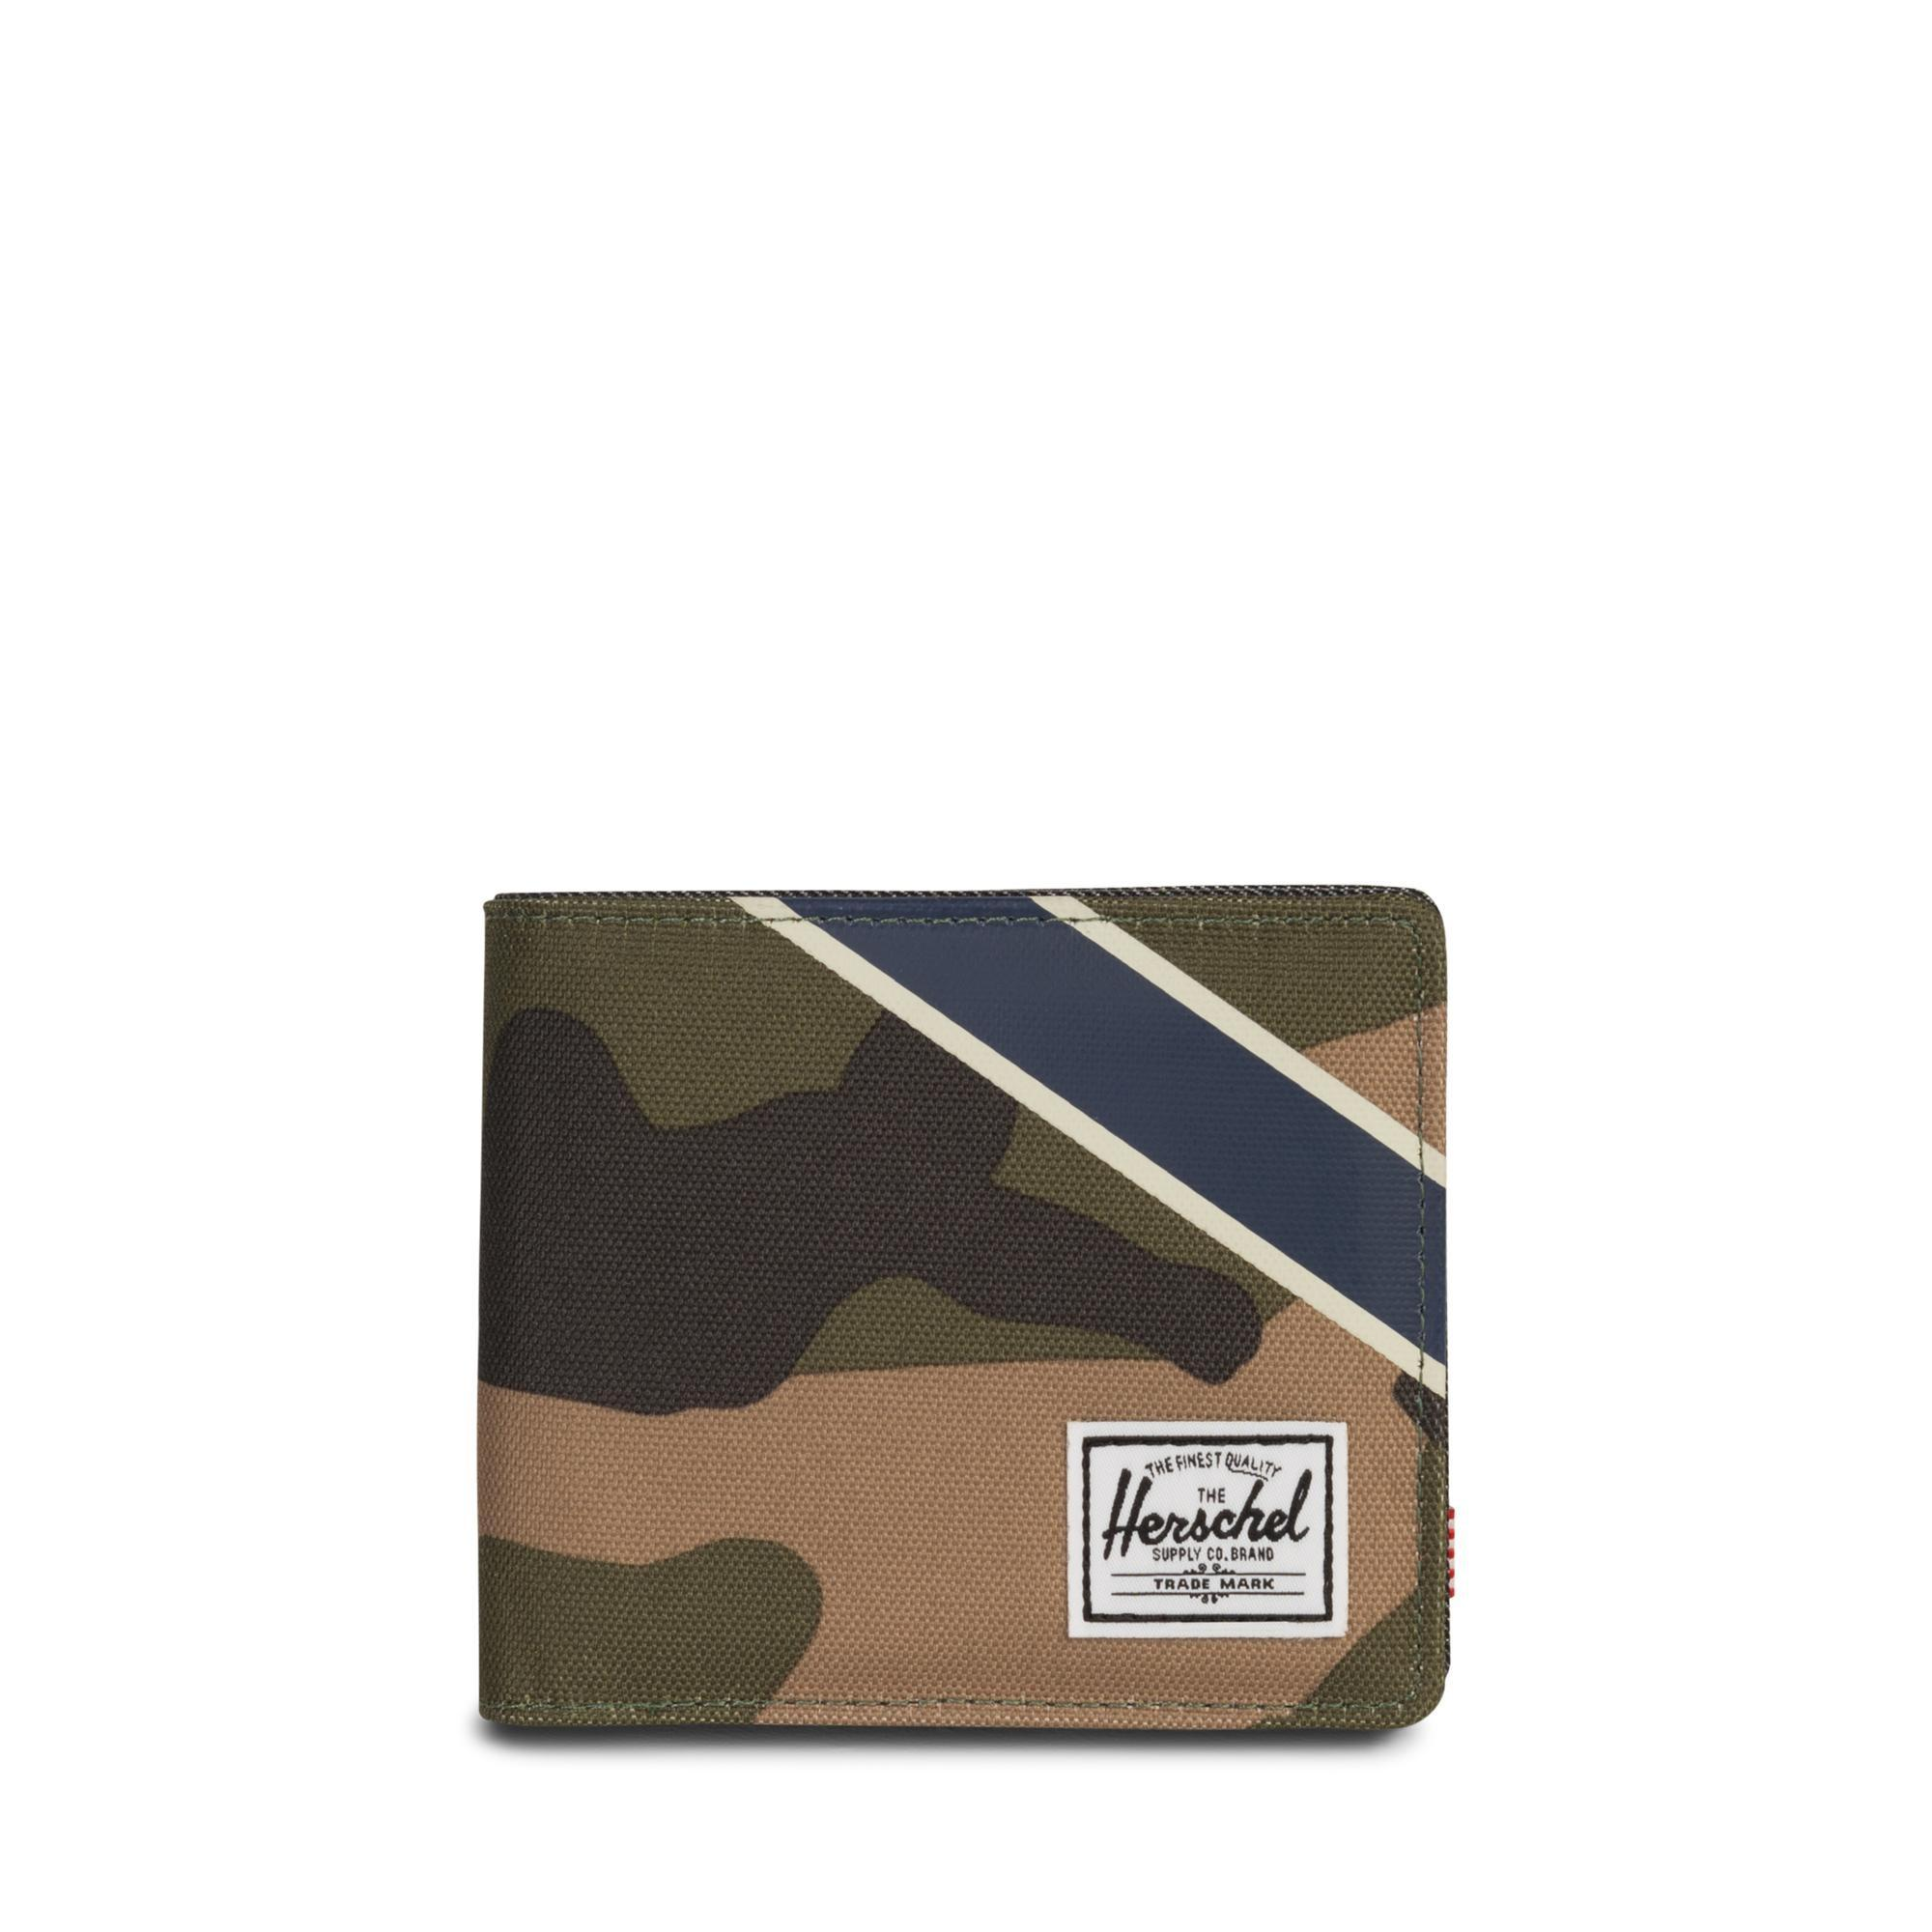 Herschel Roy + Coin XL RFID - Woodland Camo/Silver Green/Dark Denim